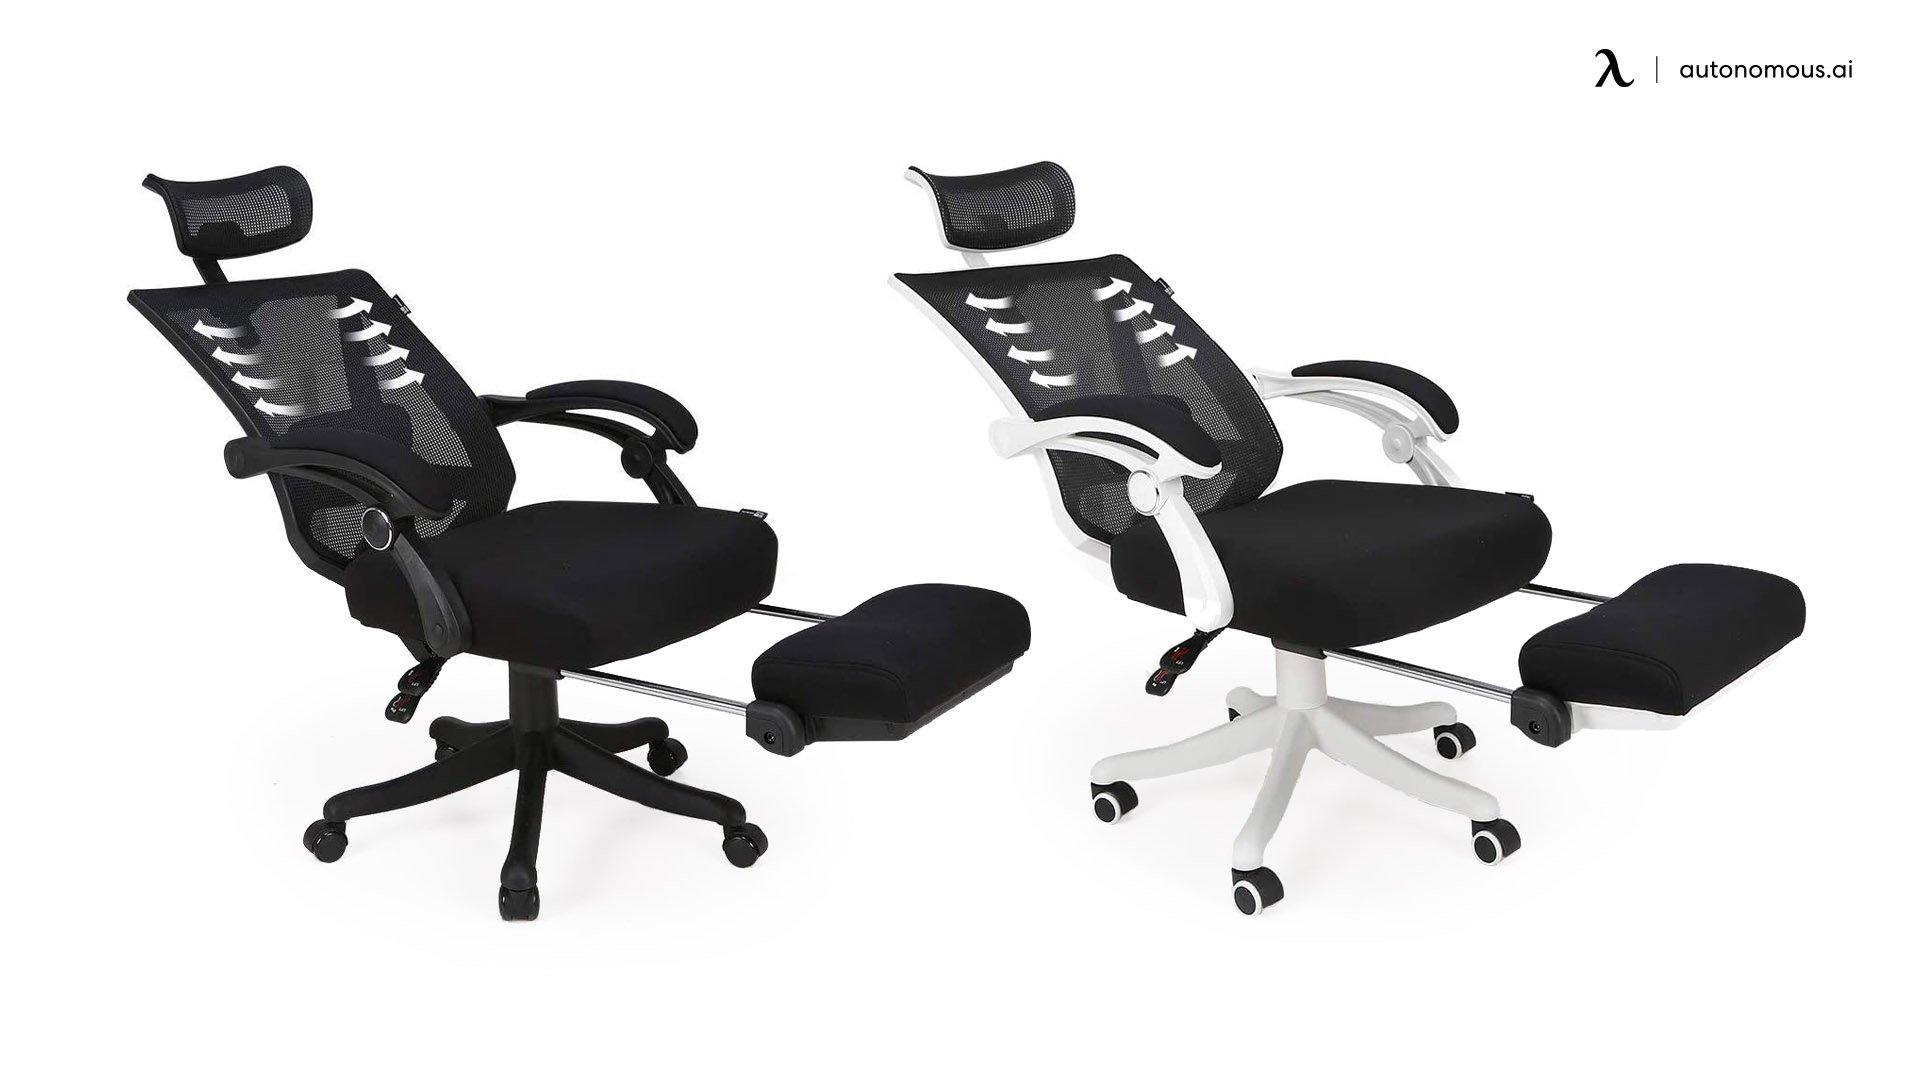 HBADA Reclining Chair